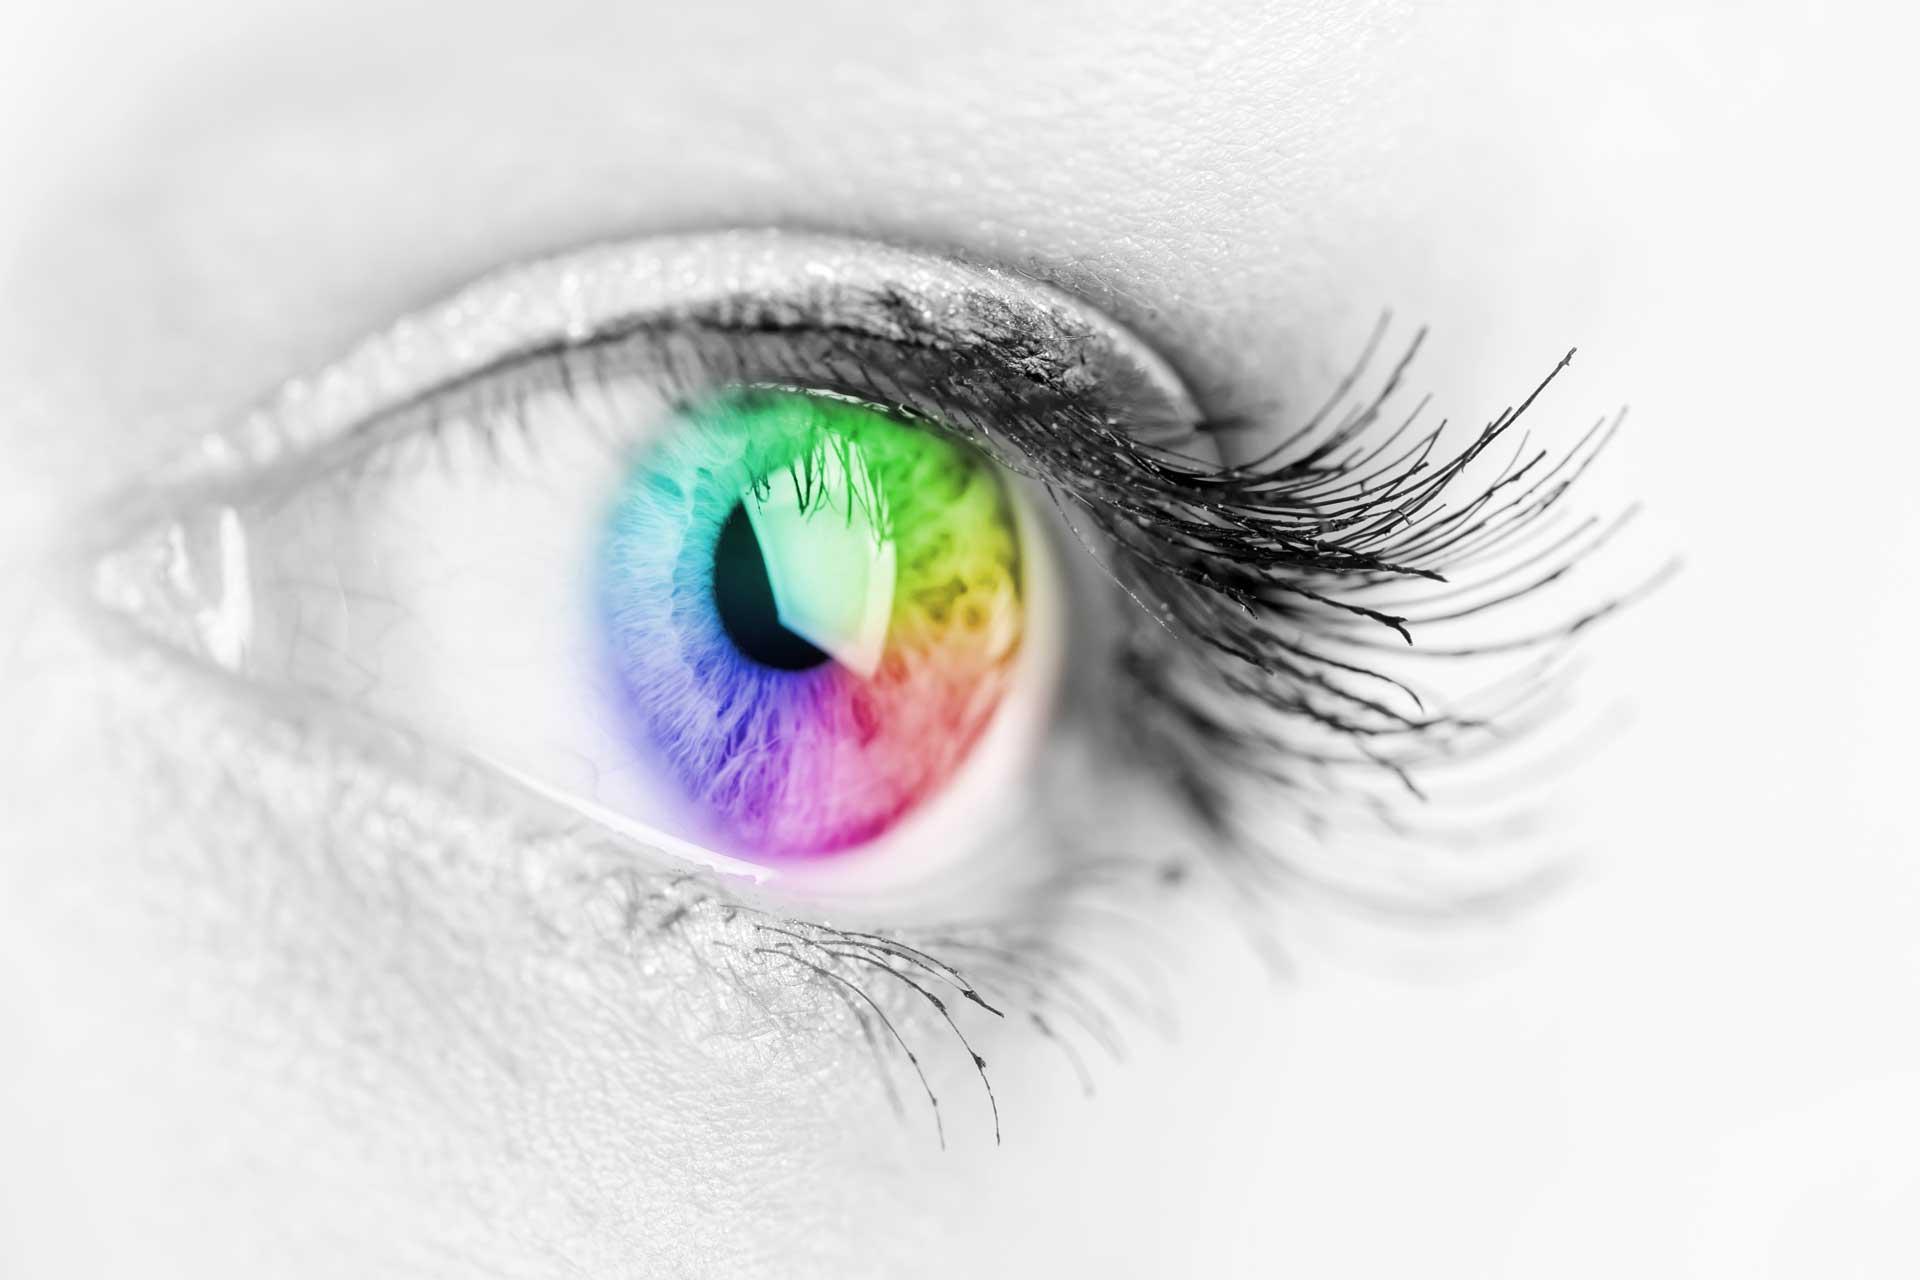 Alerta clínica per complicacions greus en els implants de lents intraoculars per al canvi de color d'ulls